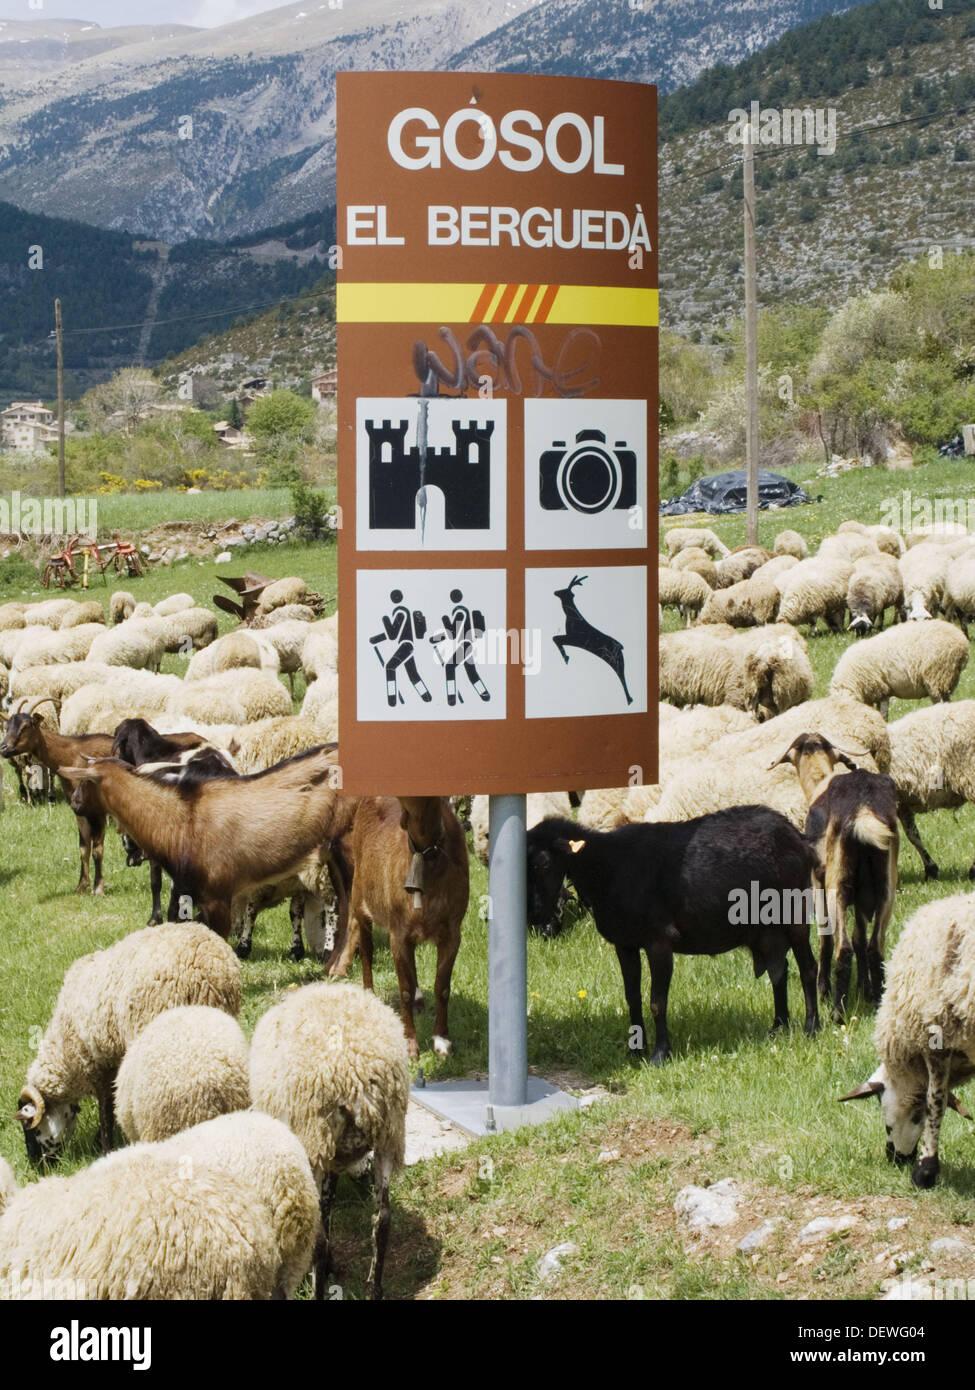 Ovejas. Gósol. El Berguedà, Cataluña. España. Camino de los Buenos Hombres (Camí dels Bons Homes). Ruta de los cátaros. La bicicleta de montaña. Imagen De Stock